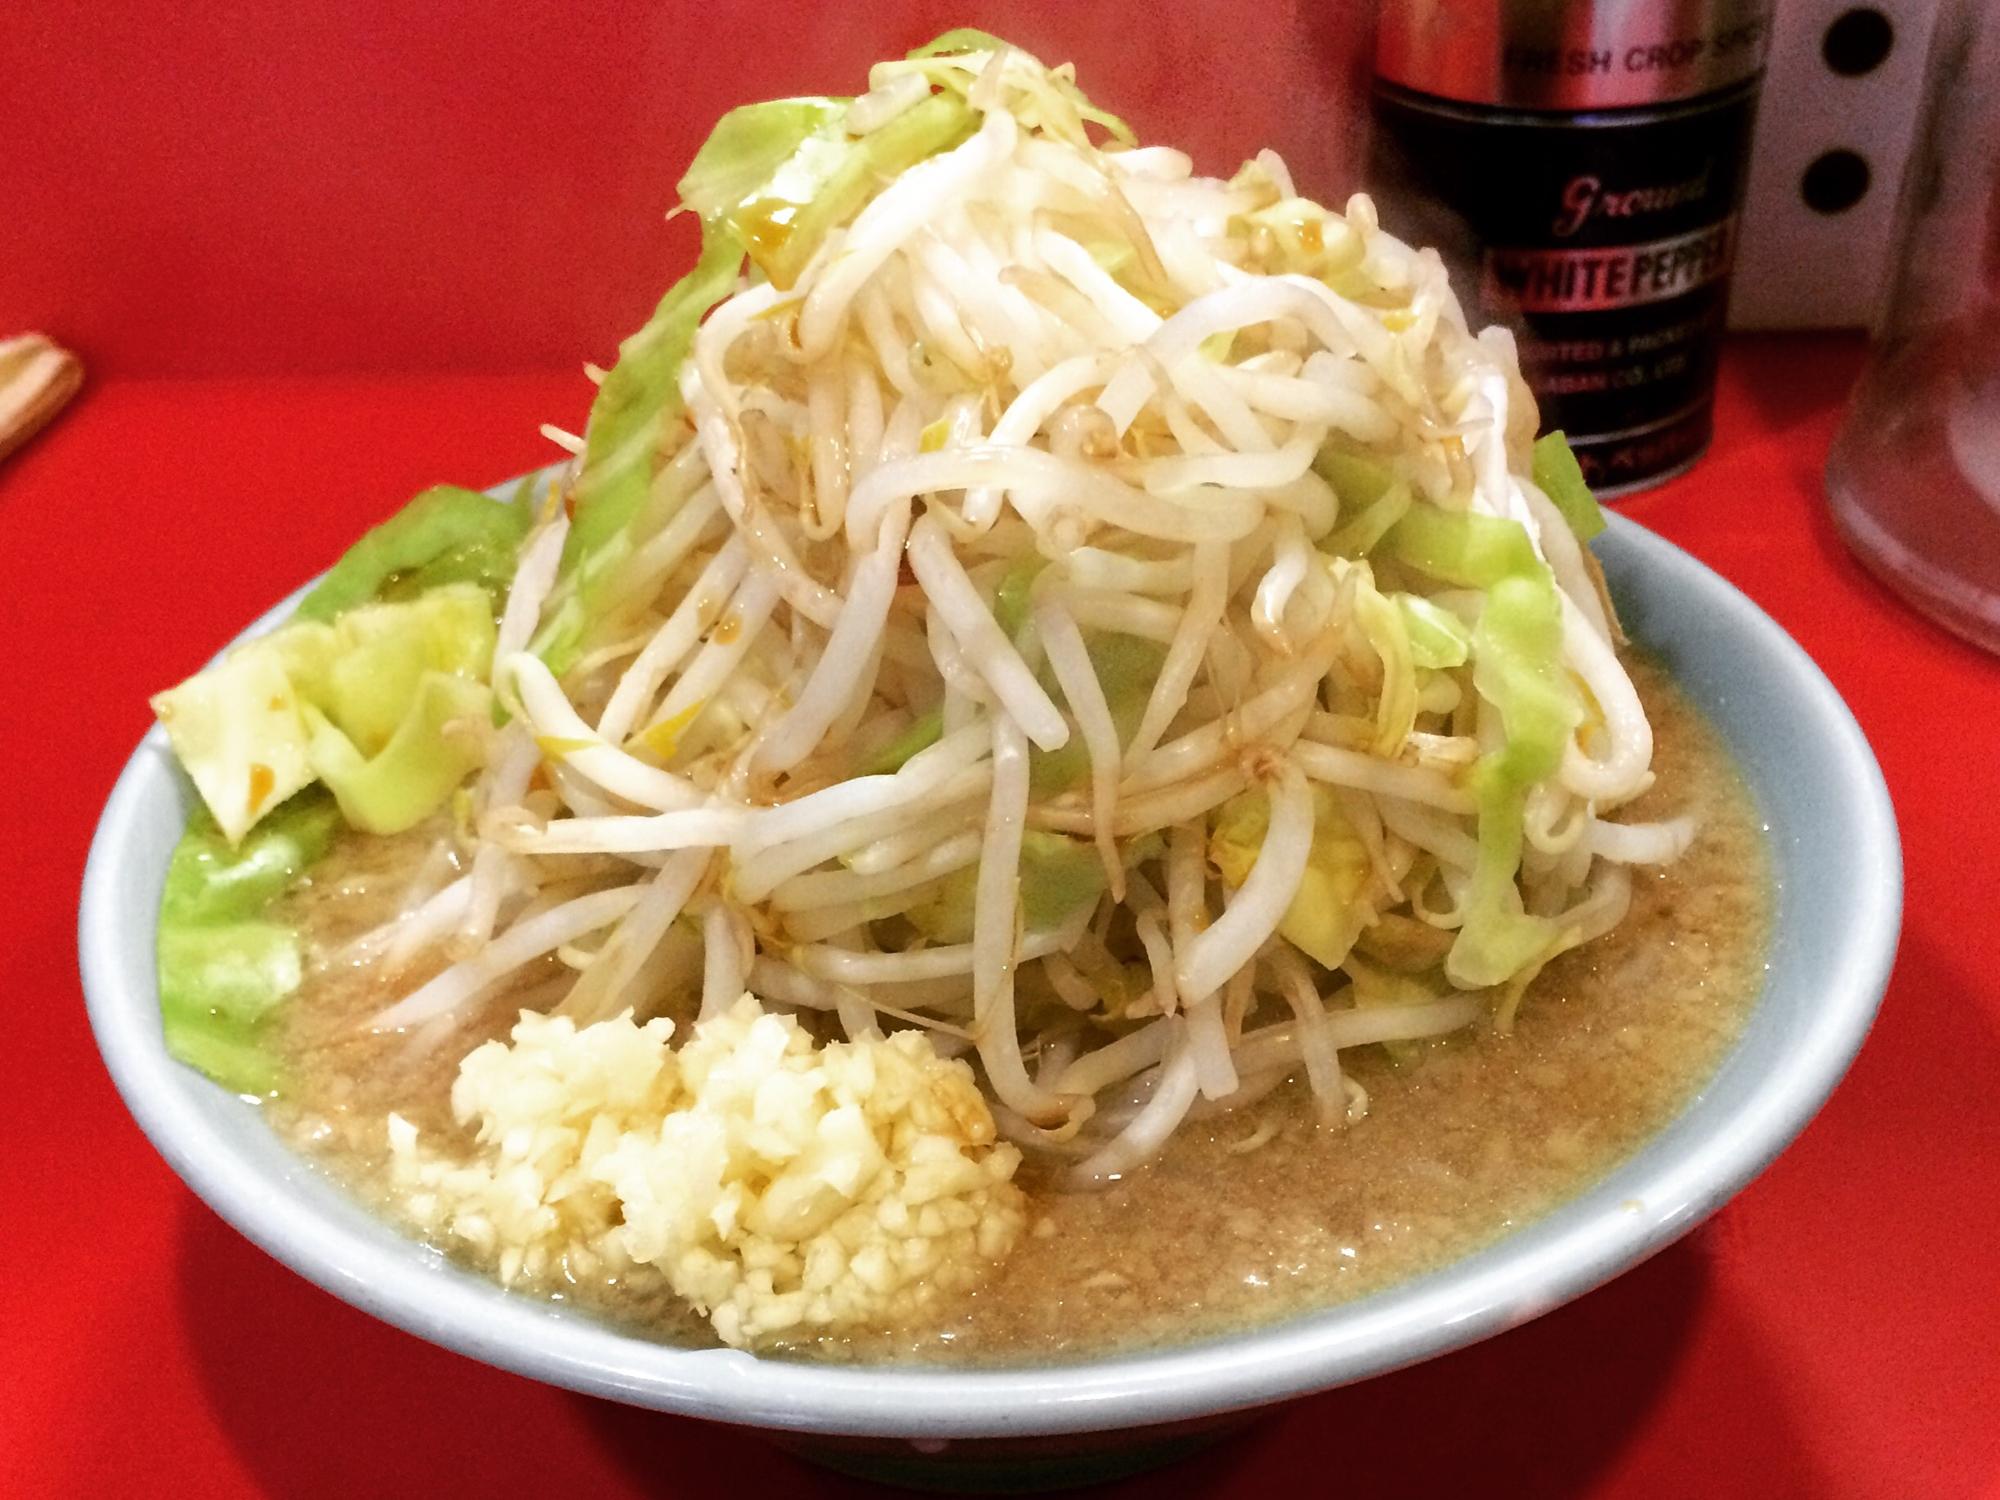 「無性にラーメンが食べたい!」あなたにオススメの名古屋近辺のラーメン店4選 - ramen2